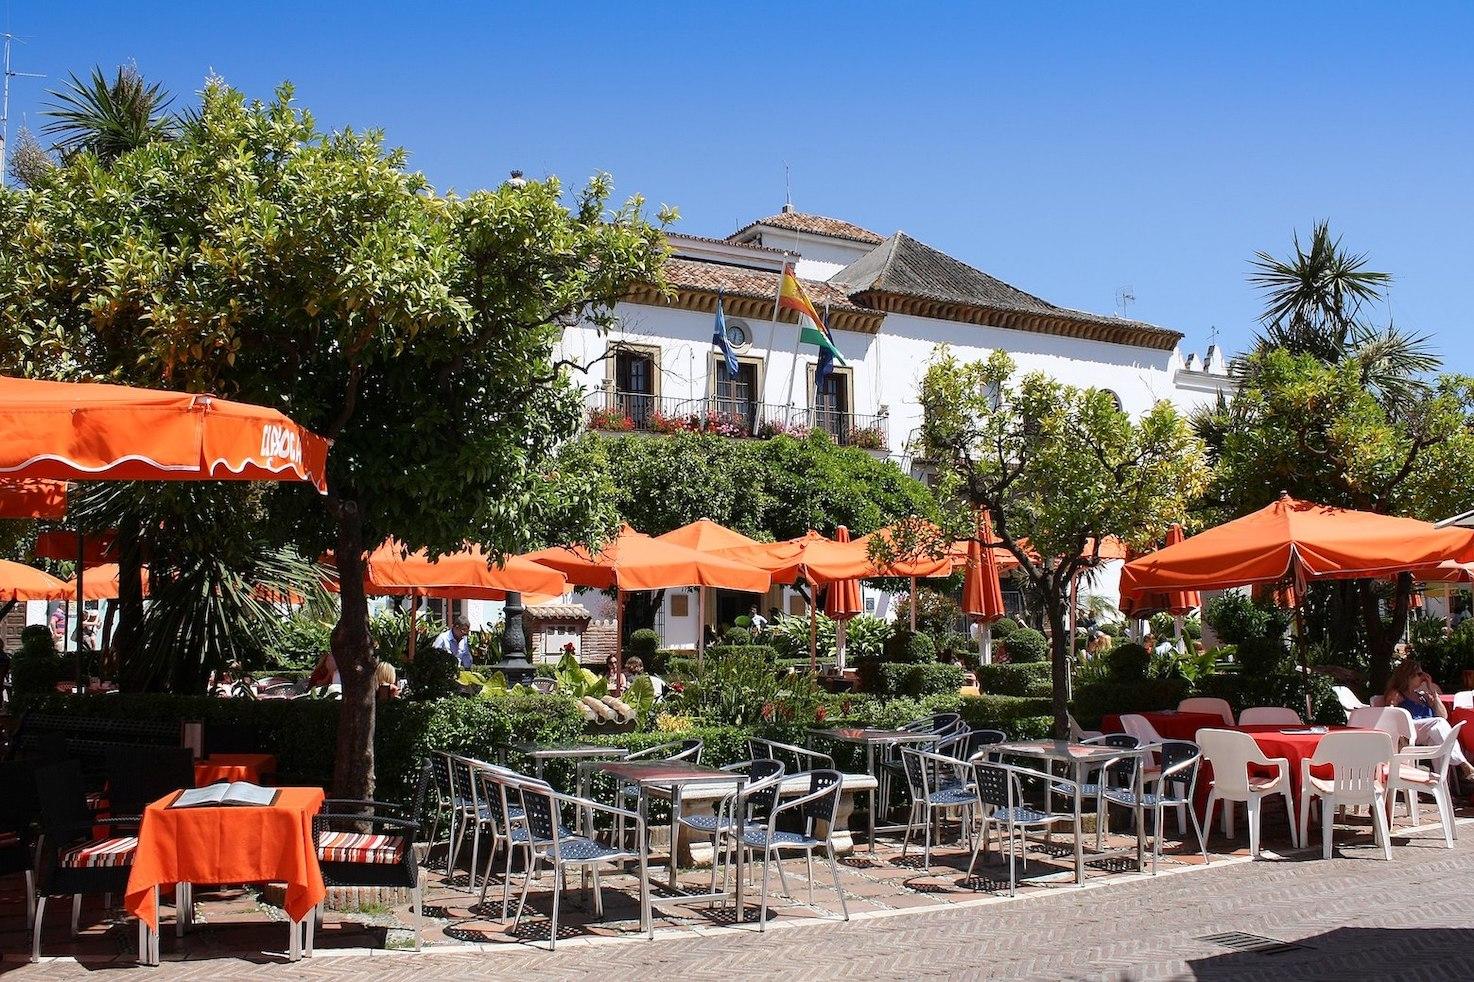 Plaza de los Naranjos in Marbella.